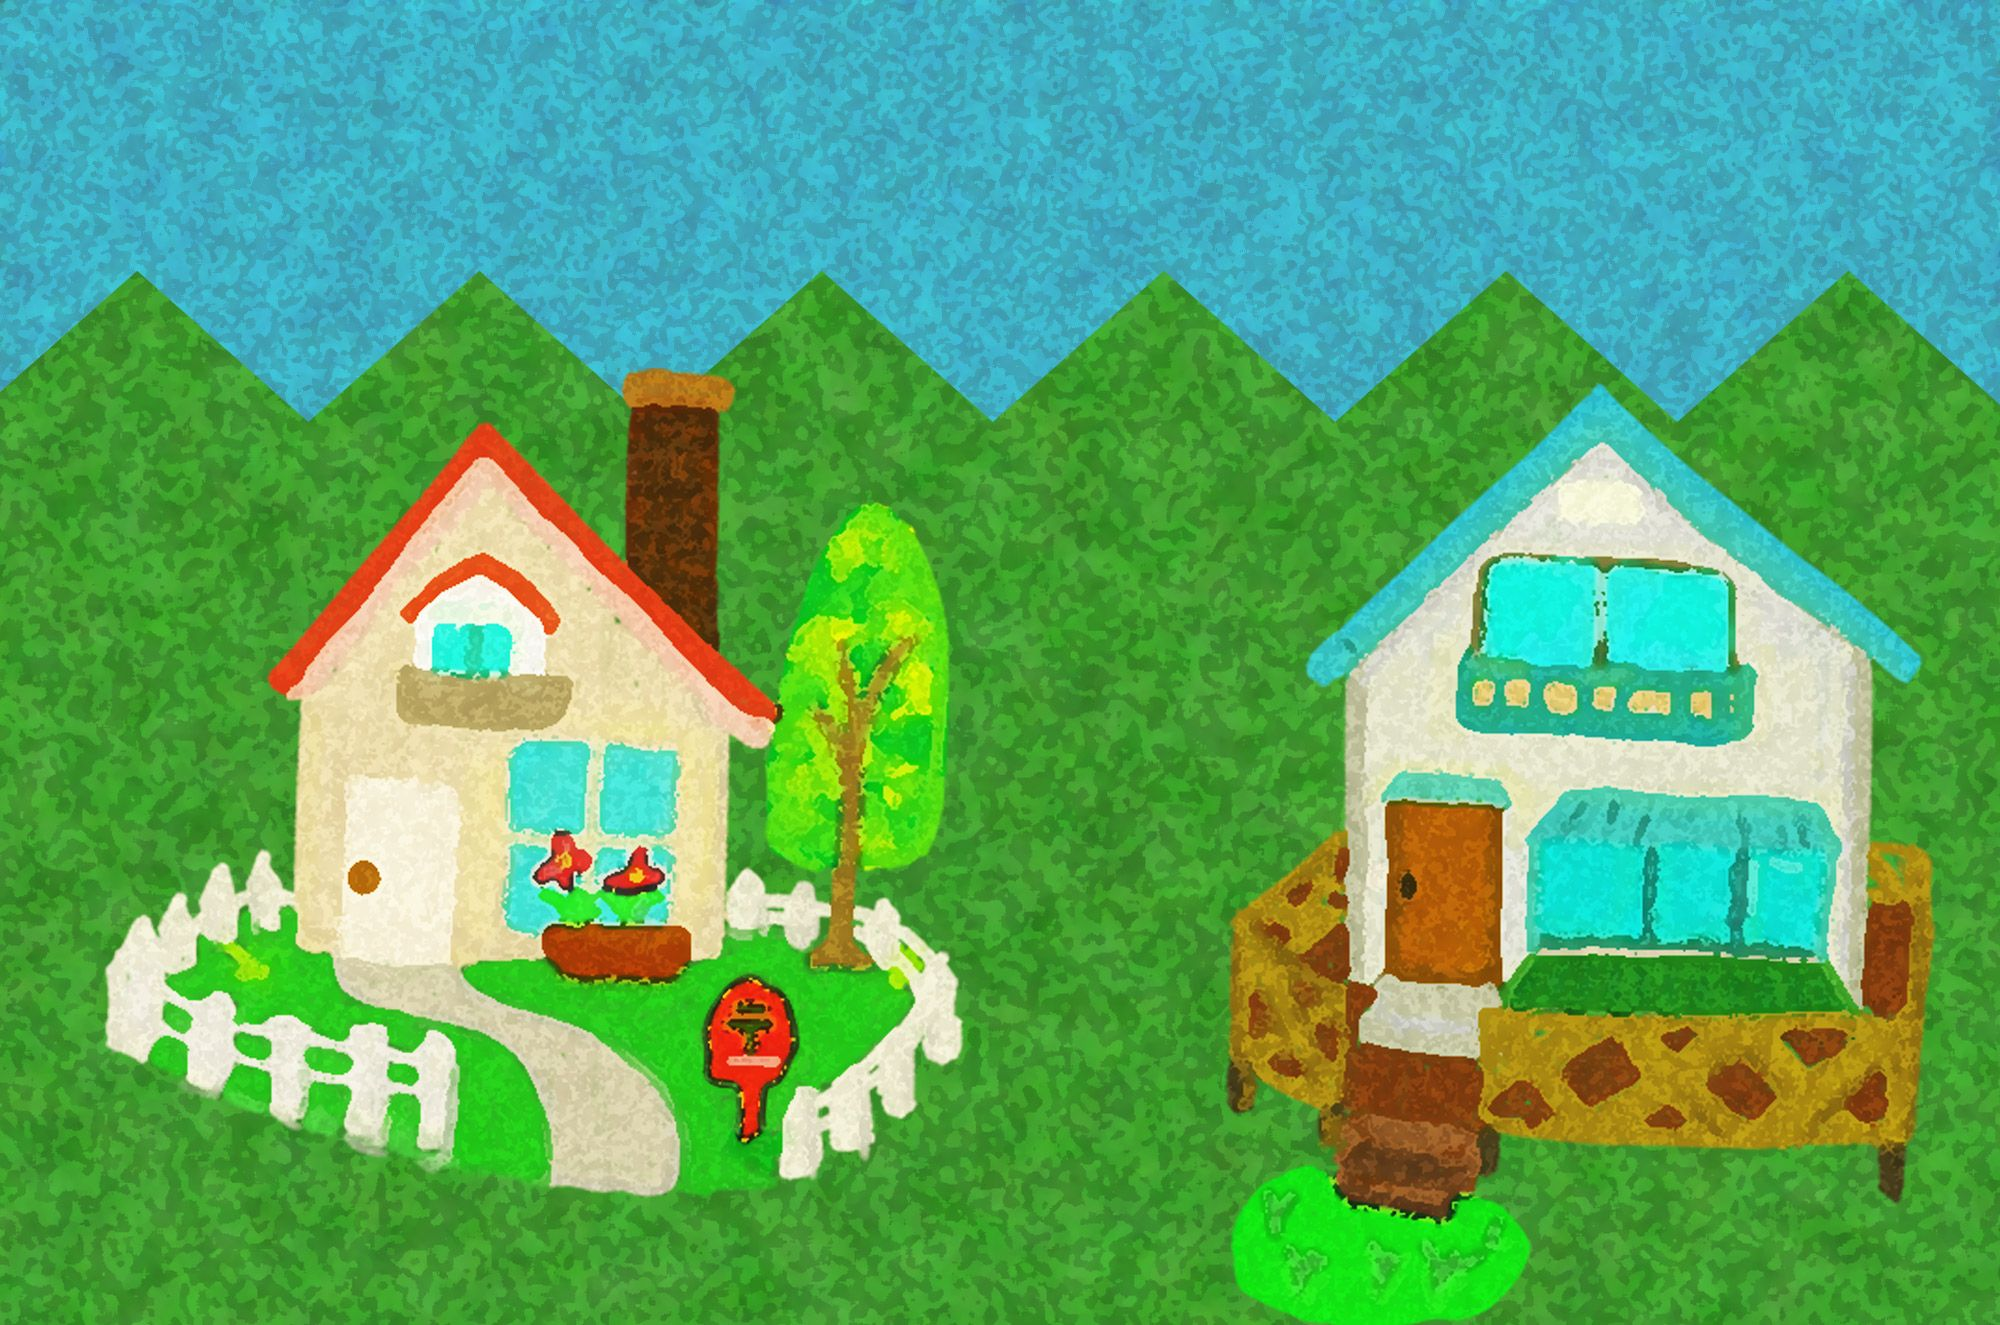 手描きの可愛い家のイラストフリー素材4つセット 家のイラスト